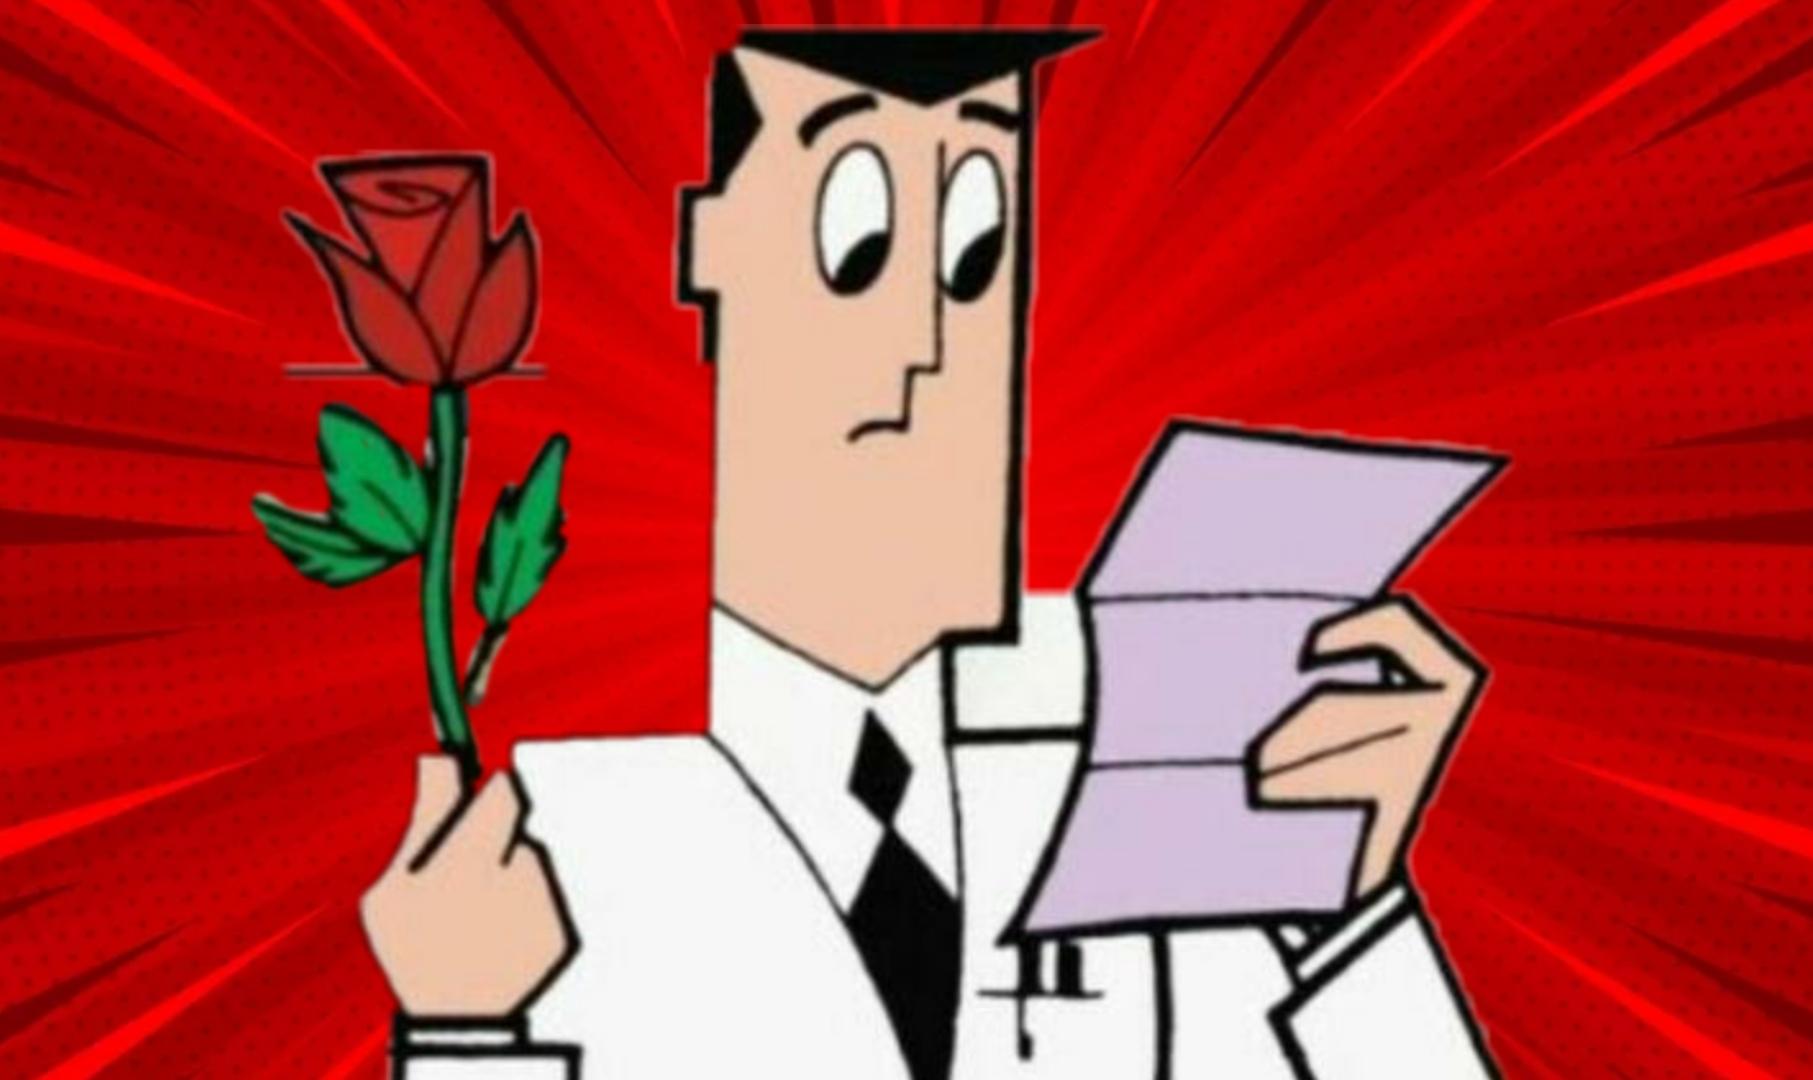 imagem com fundo vermelho, mostra ao centro o Professor Utônio. Ele segura com a mão direita uma rosa, e com a esquerda ele segura uma carta. Seu semblante é de dúvida.